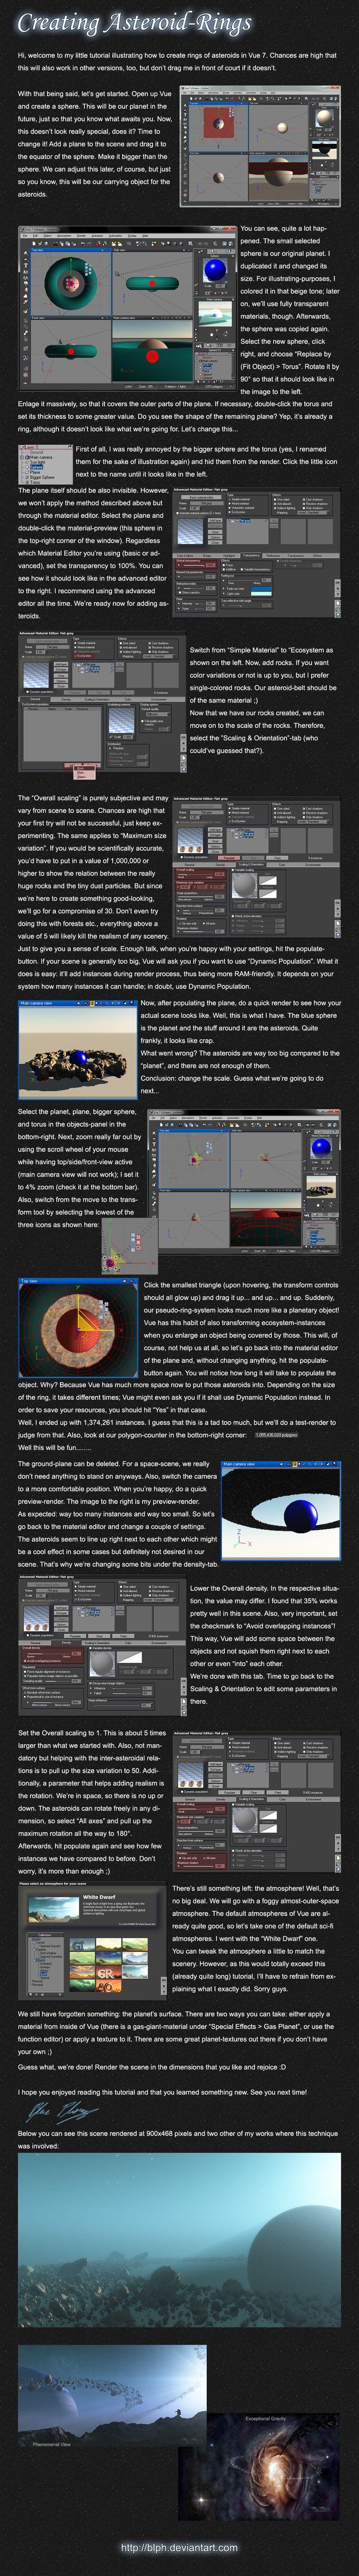 Creating Asteroid-Rings in Vue